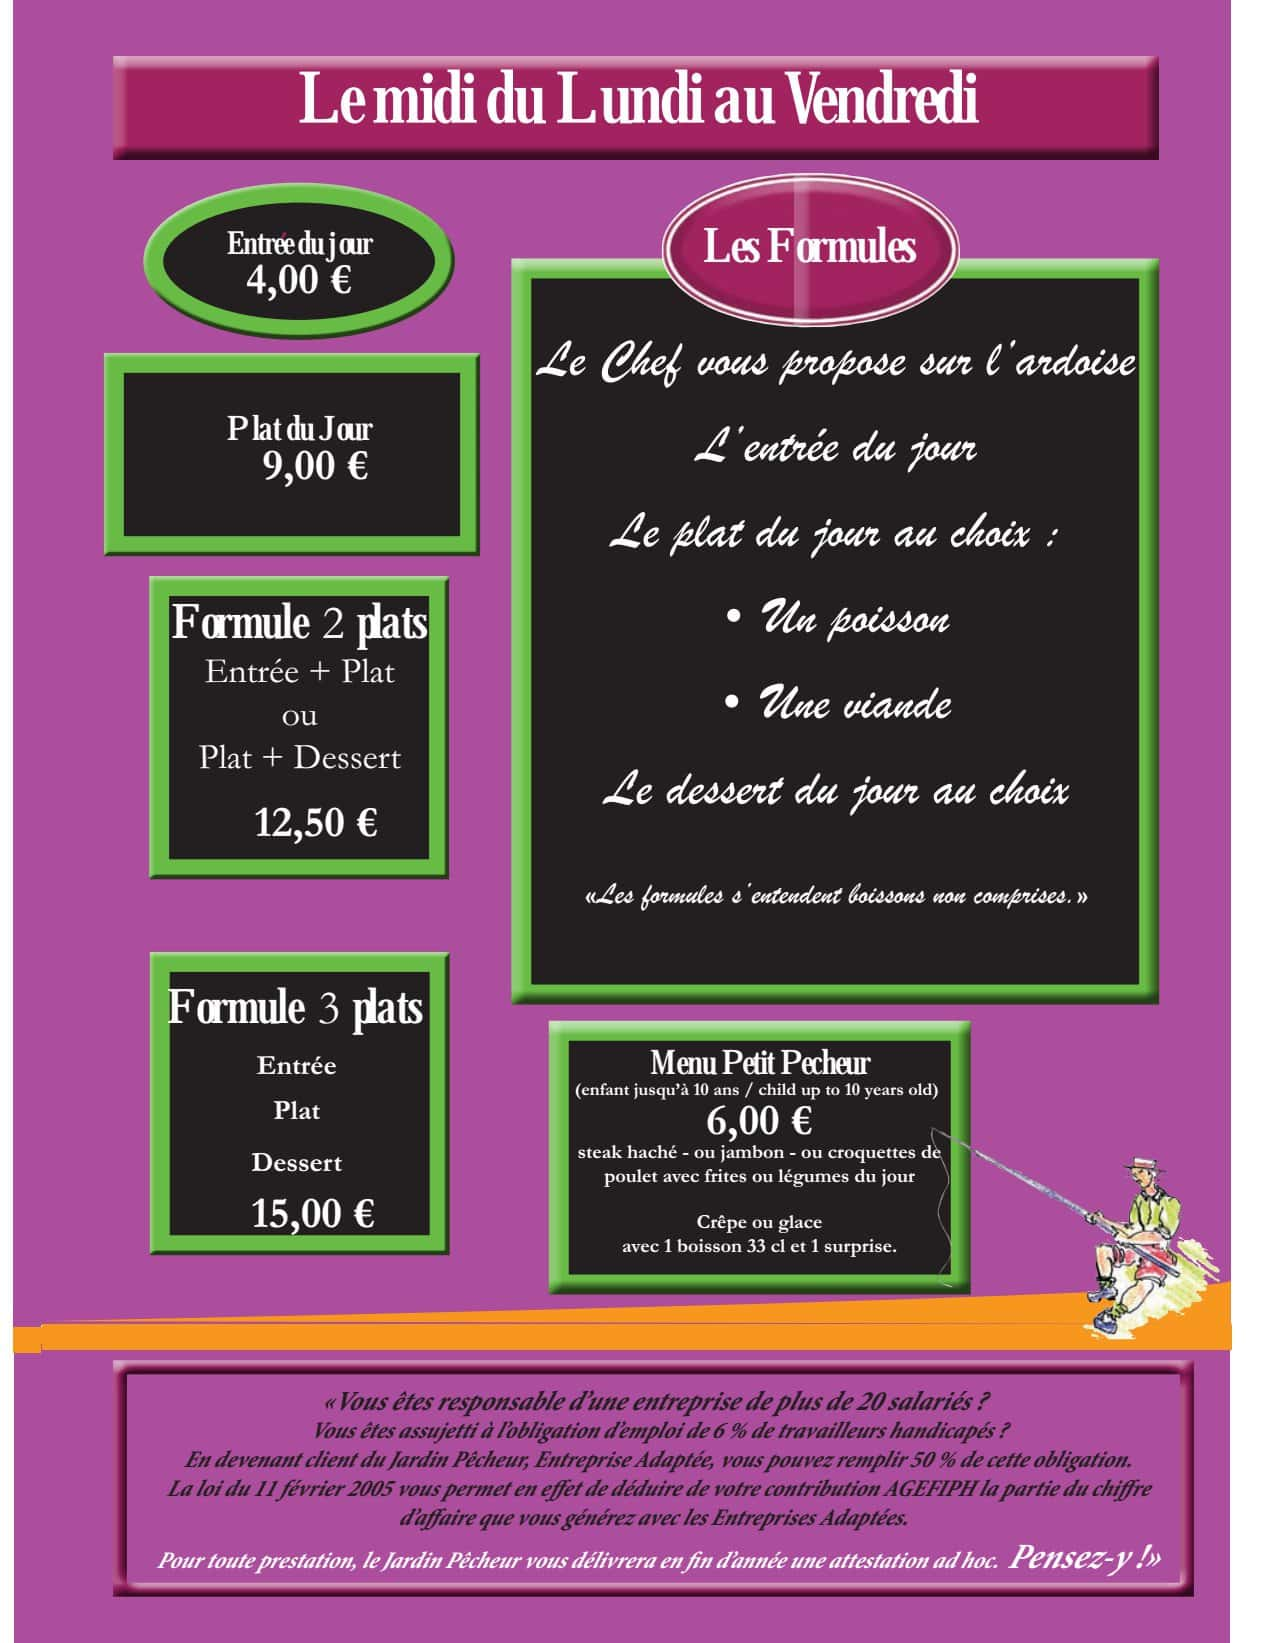 Le jardin p cheur bordeaux carte menu et photos for Le jardin menu